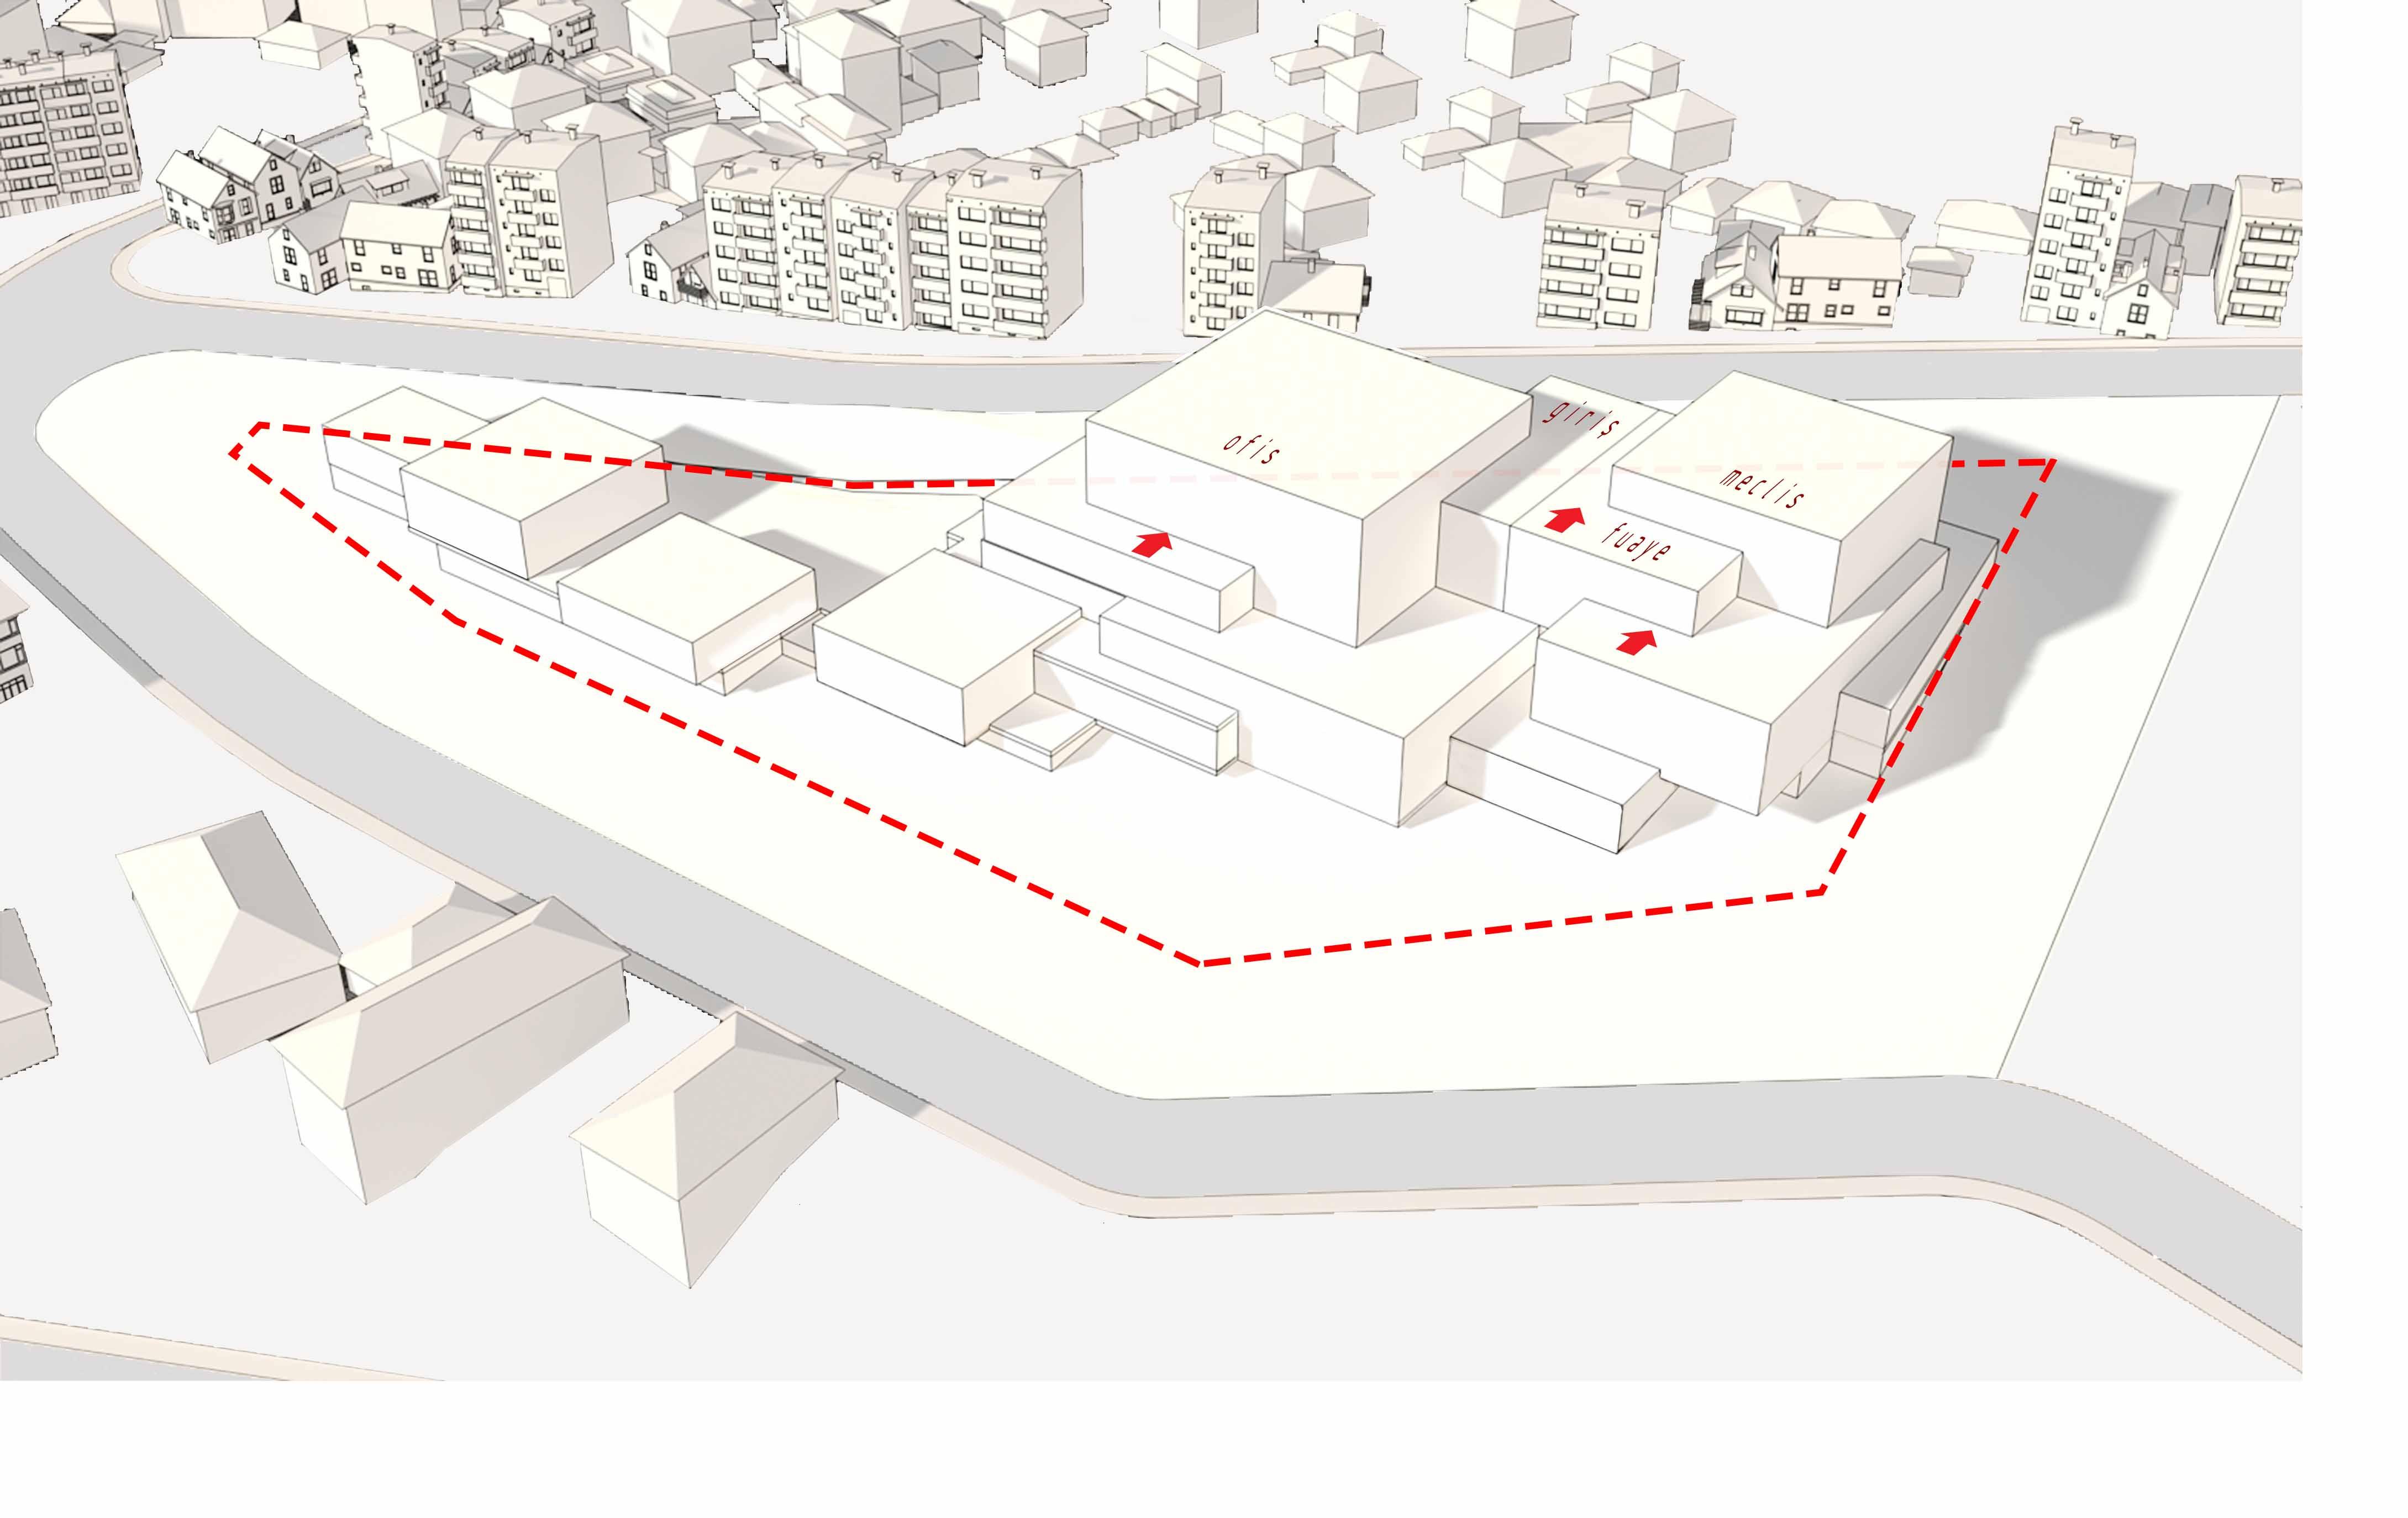 dodofis mimarlık ofisi süleymanpaşa belediye binası diyagram 4